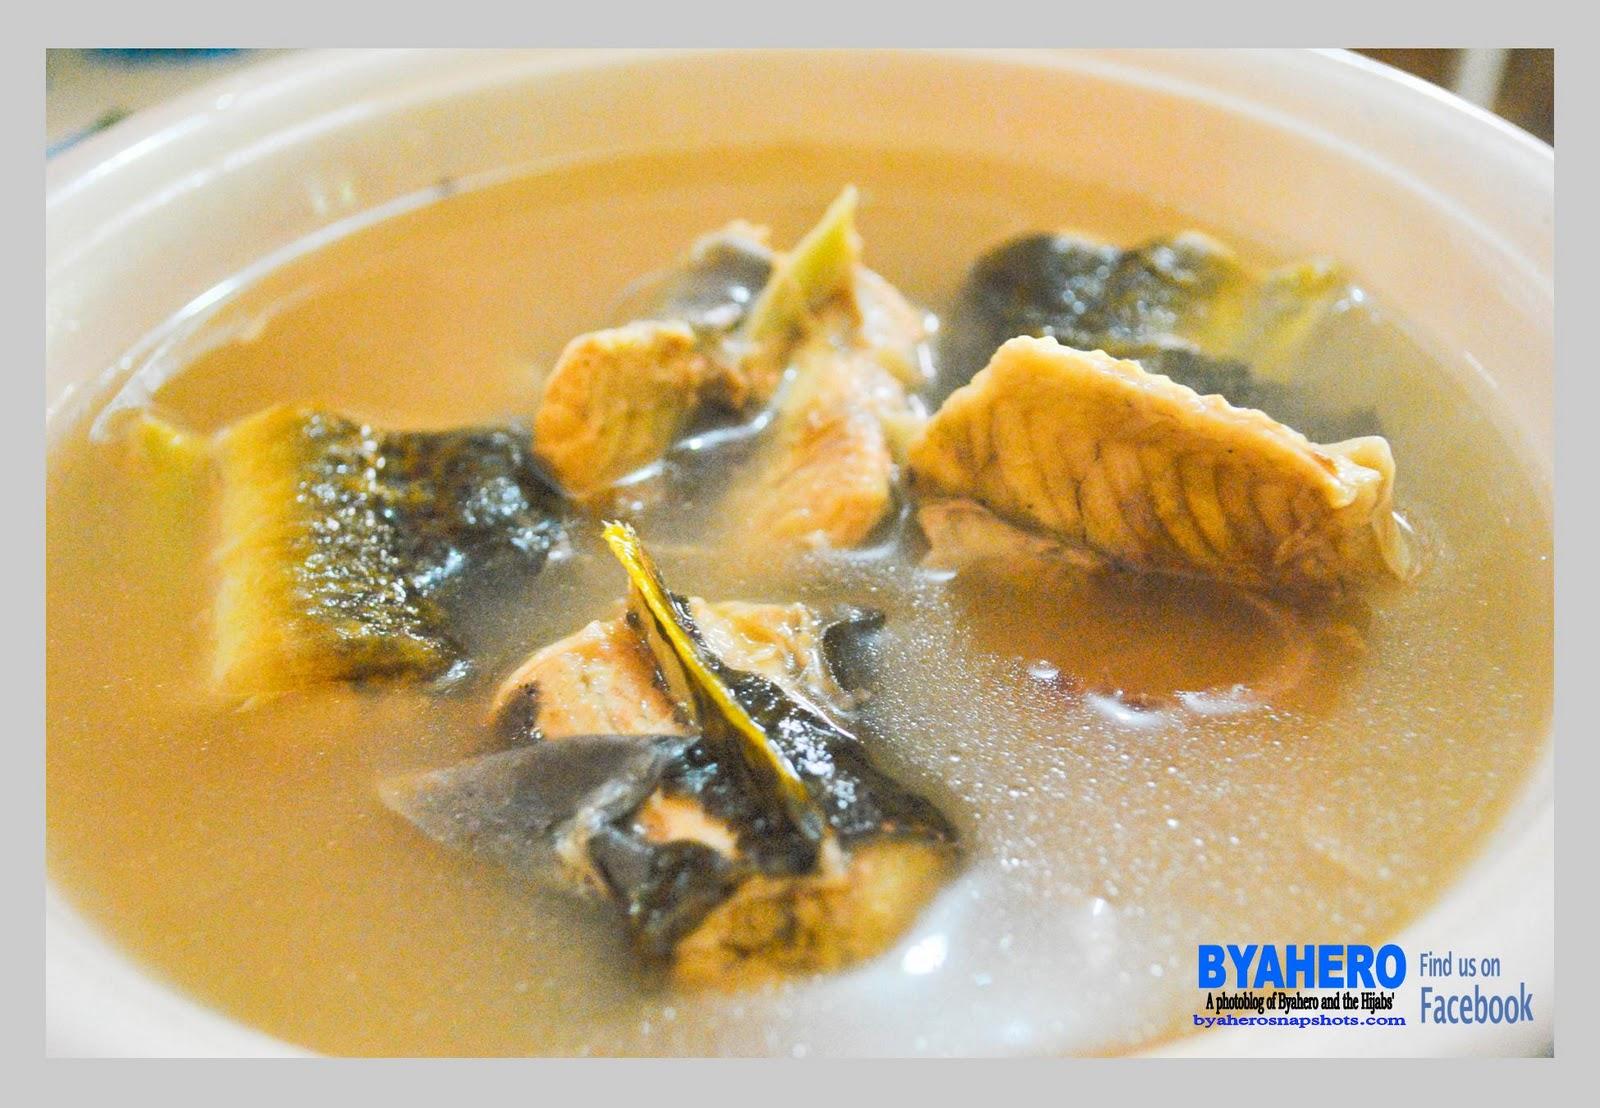 Byahero: Conger Eel Soup